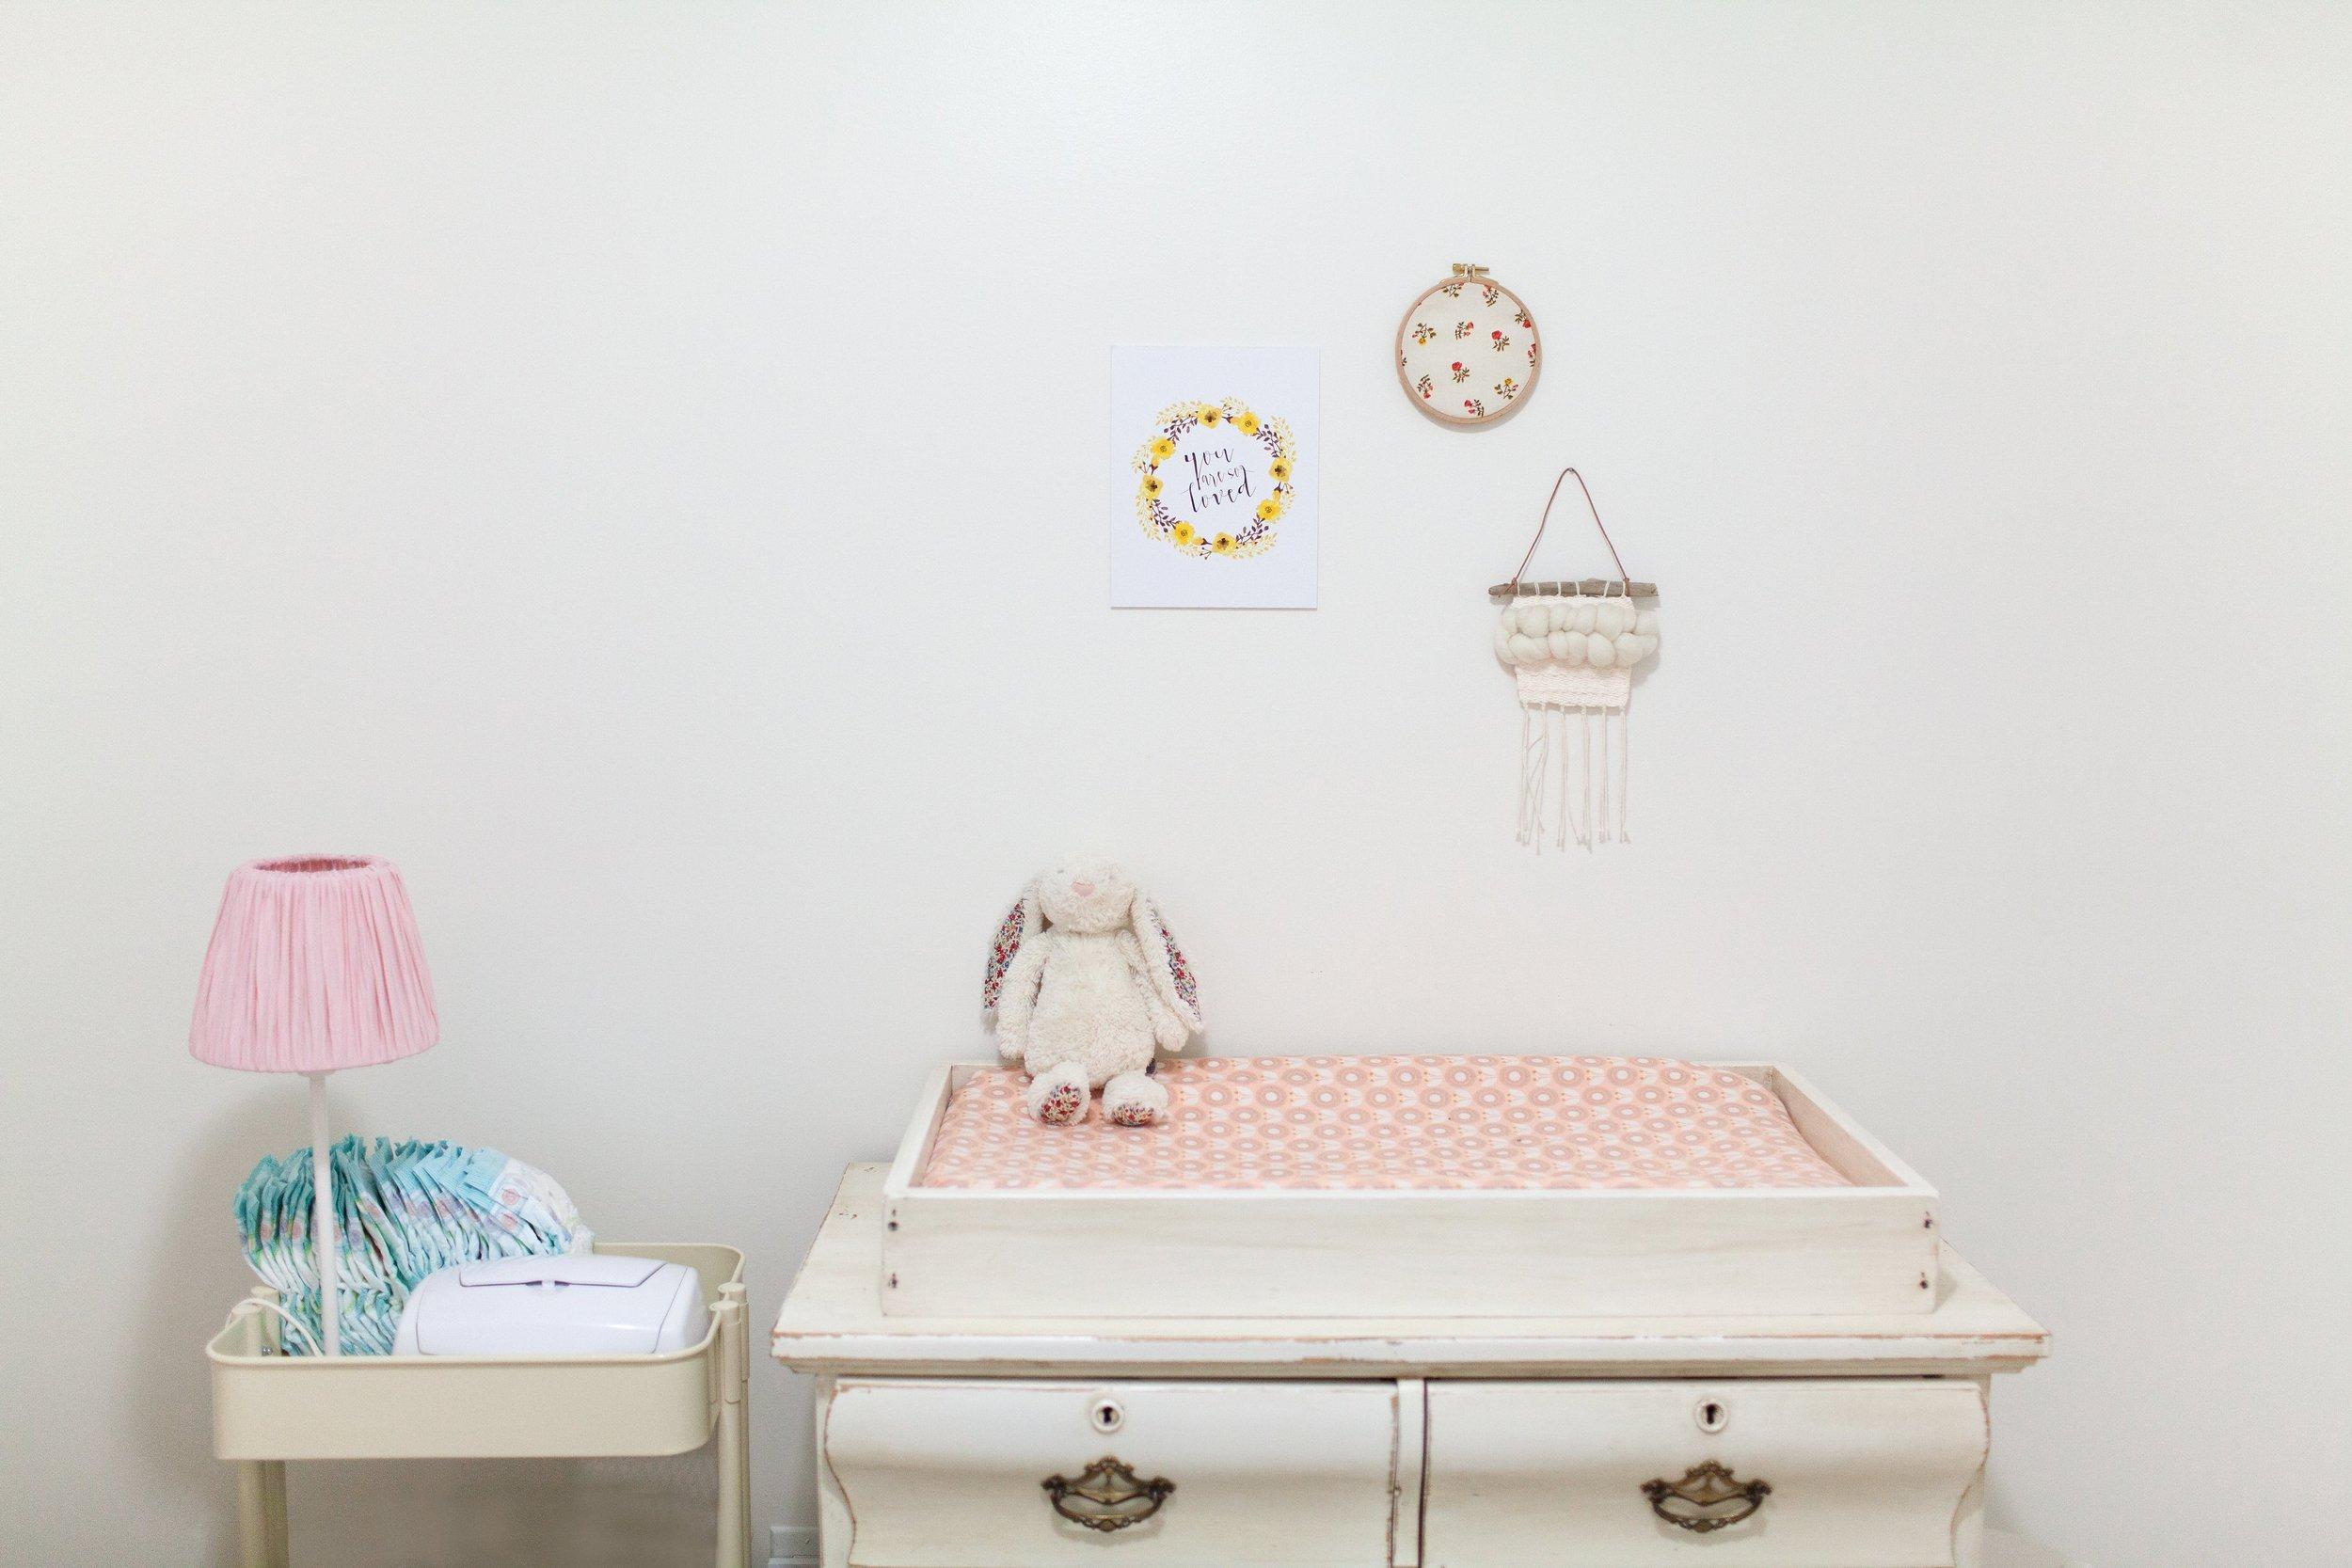 babys-room_4460x4460.jpg